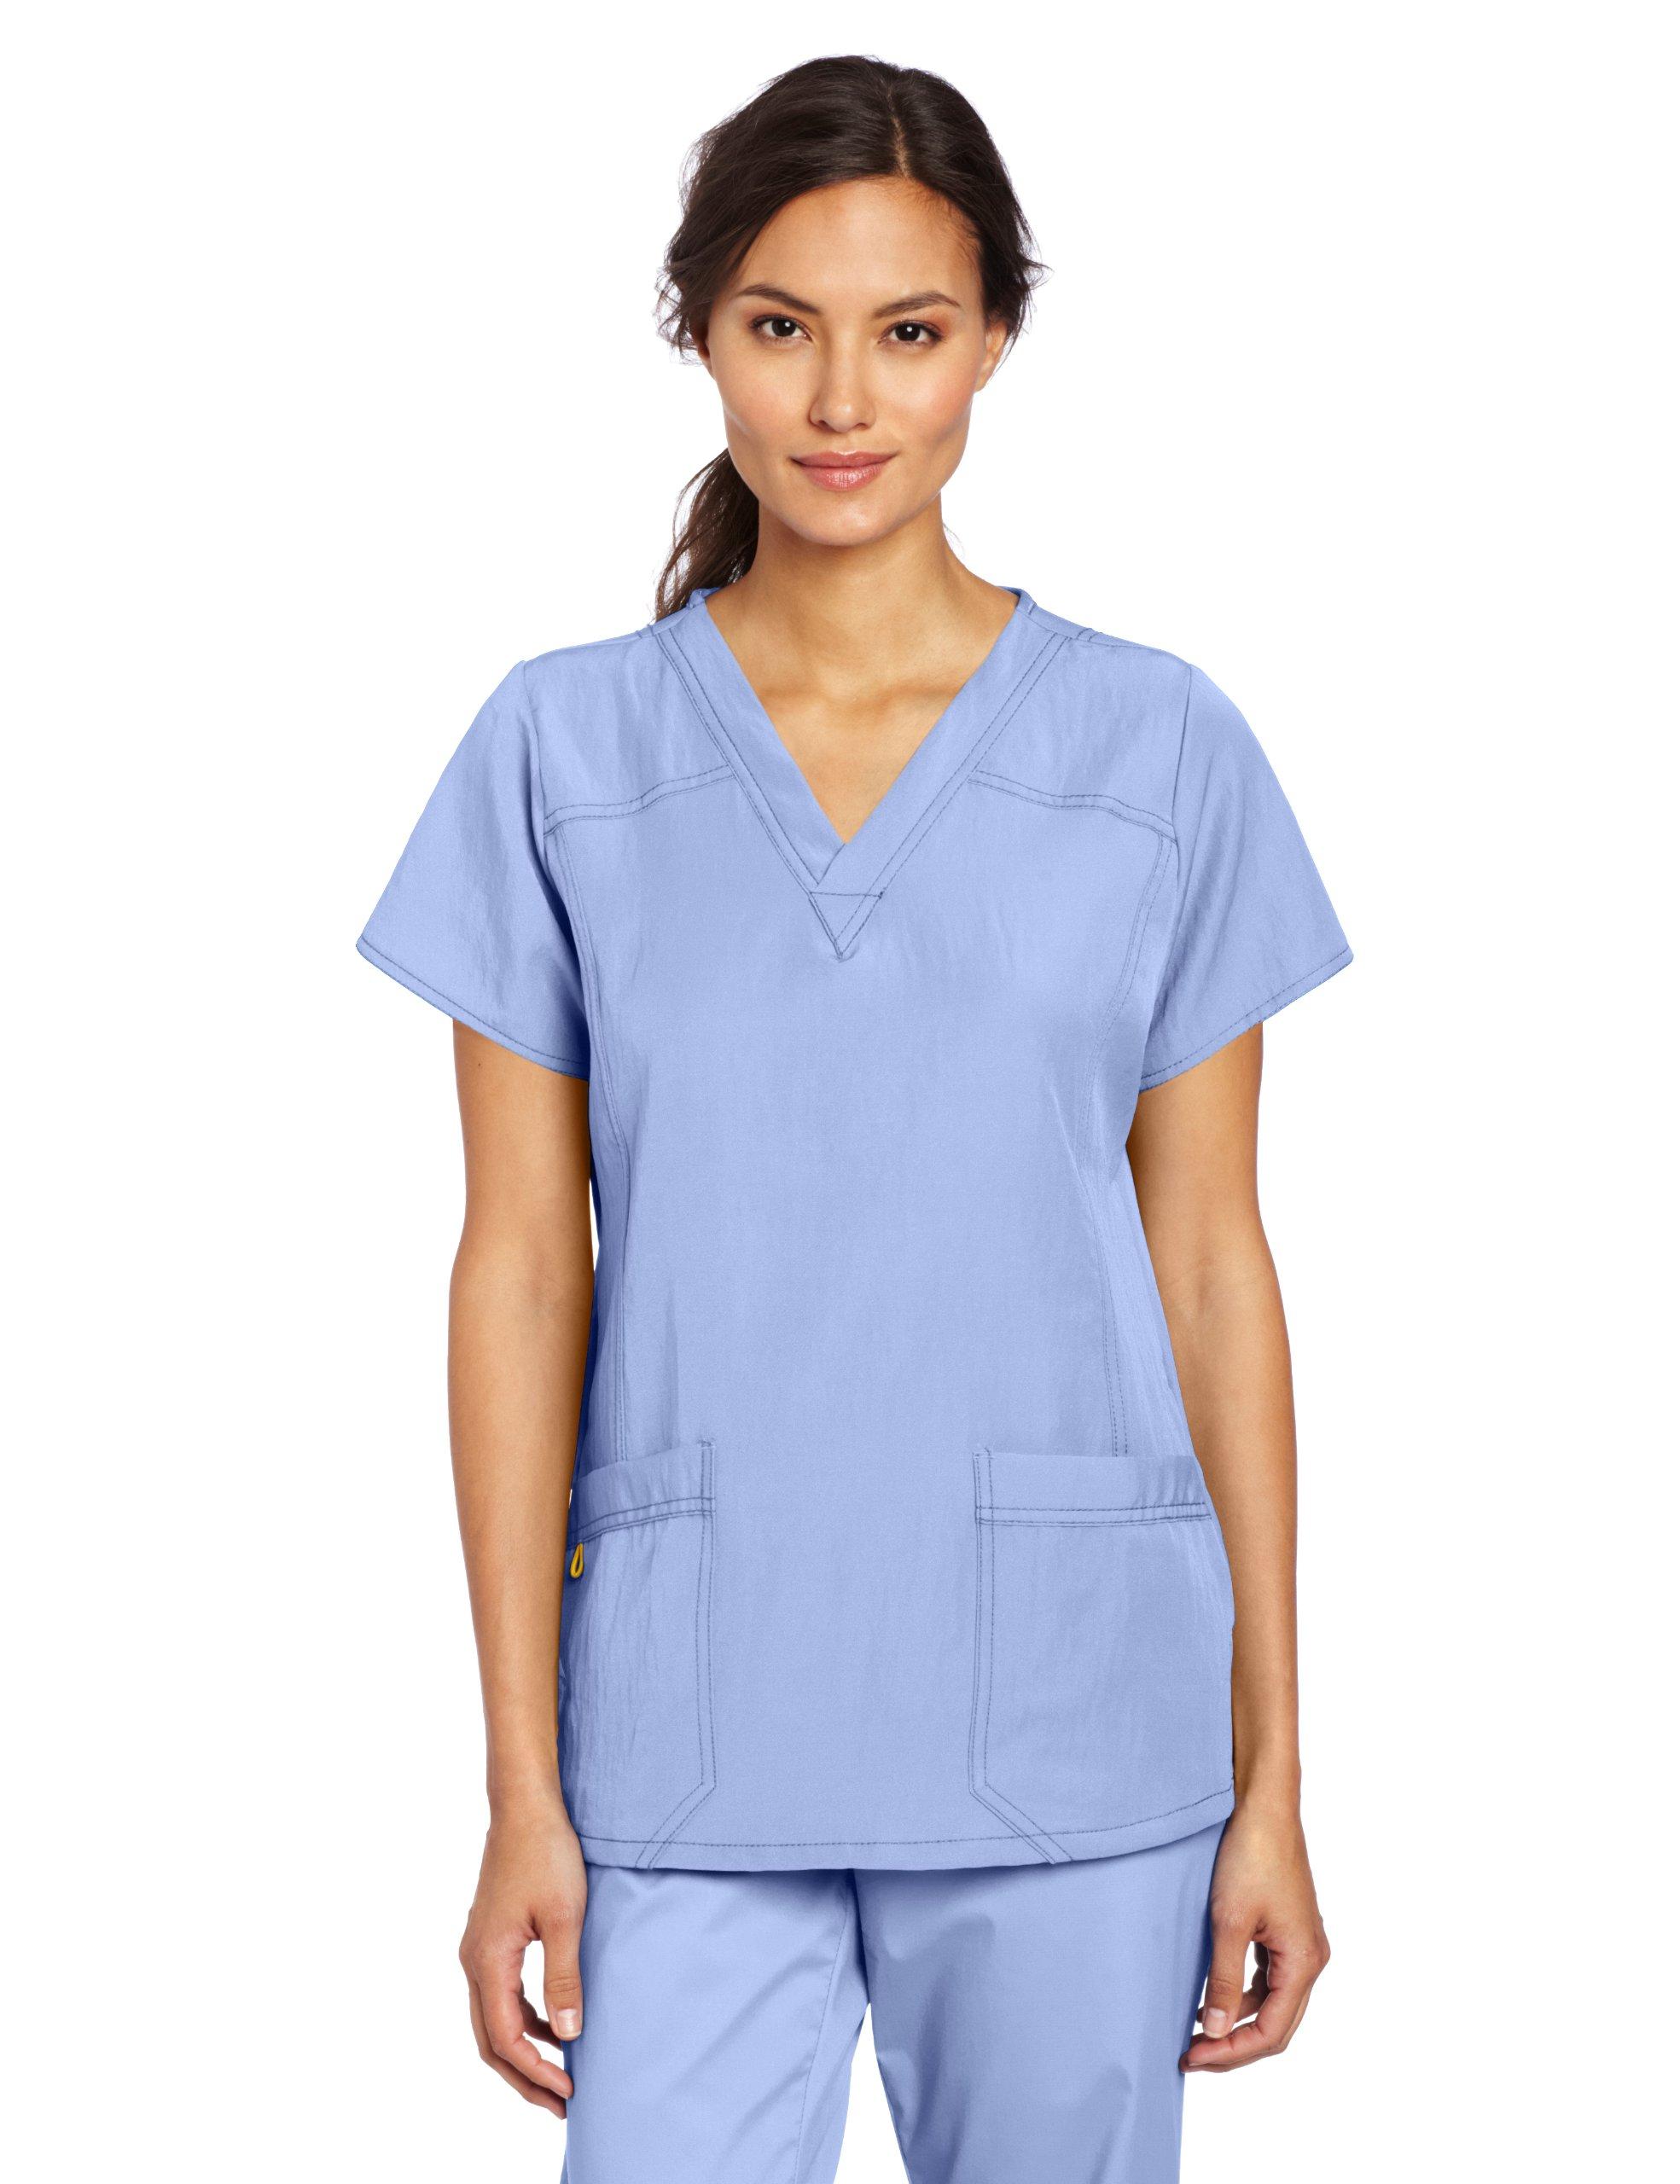 WonderWink Women's Scrubs Four Way Stretch Sporty V-Neck Top, Ceil Blue, Small